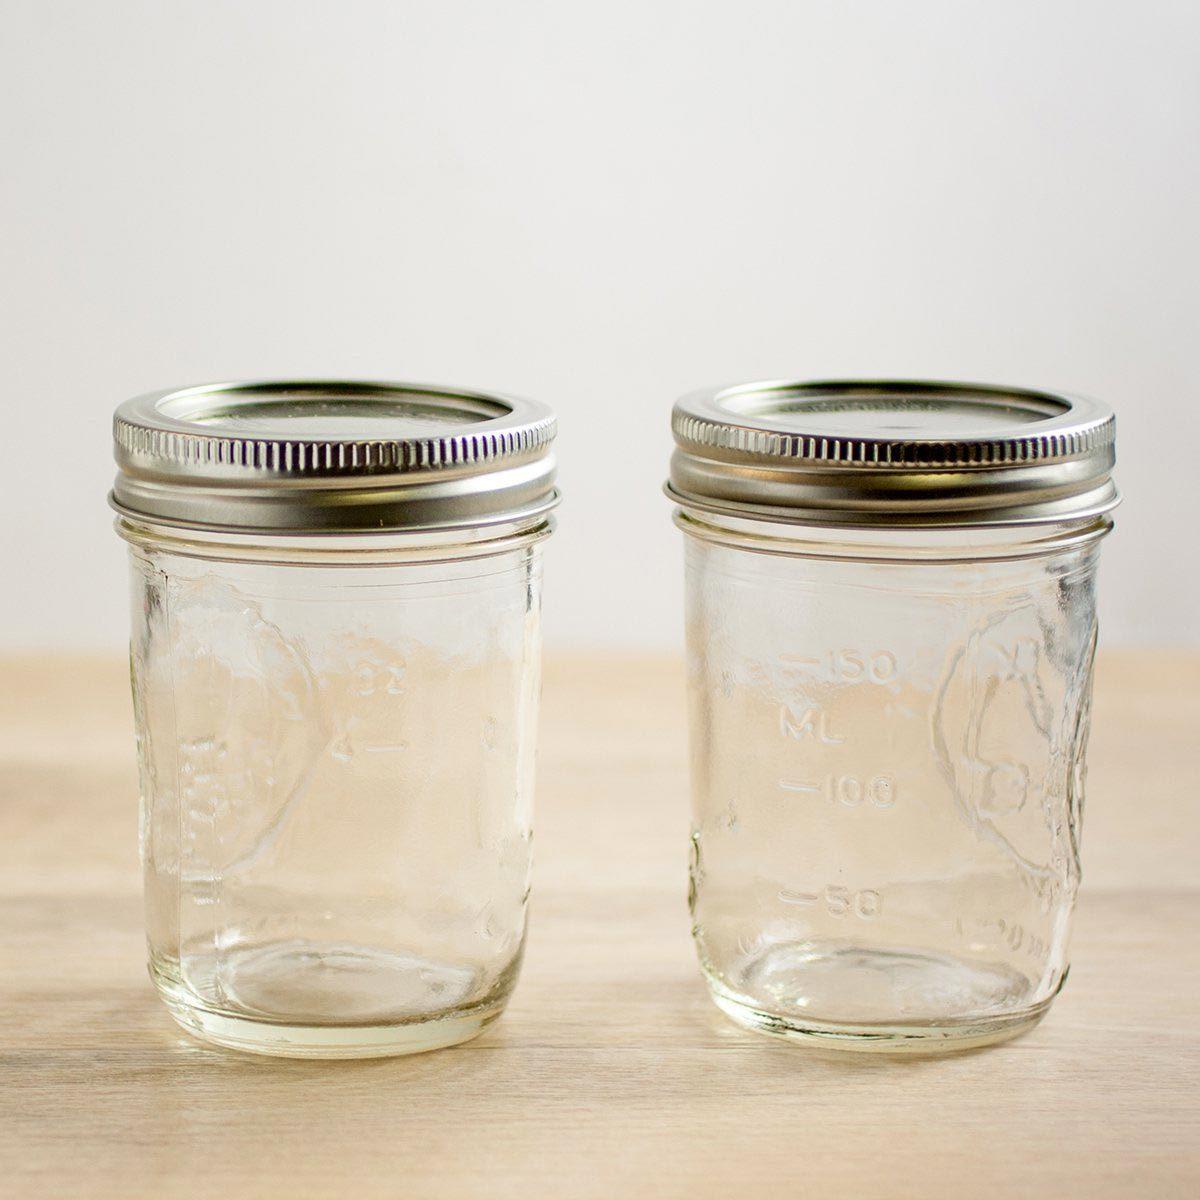 Sauver la planète : utilisez ces bocaux en verre au lieu du plastique.